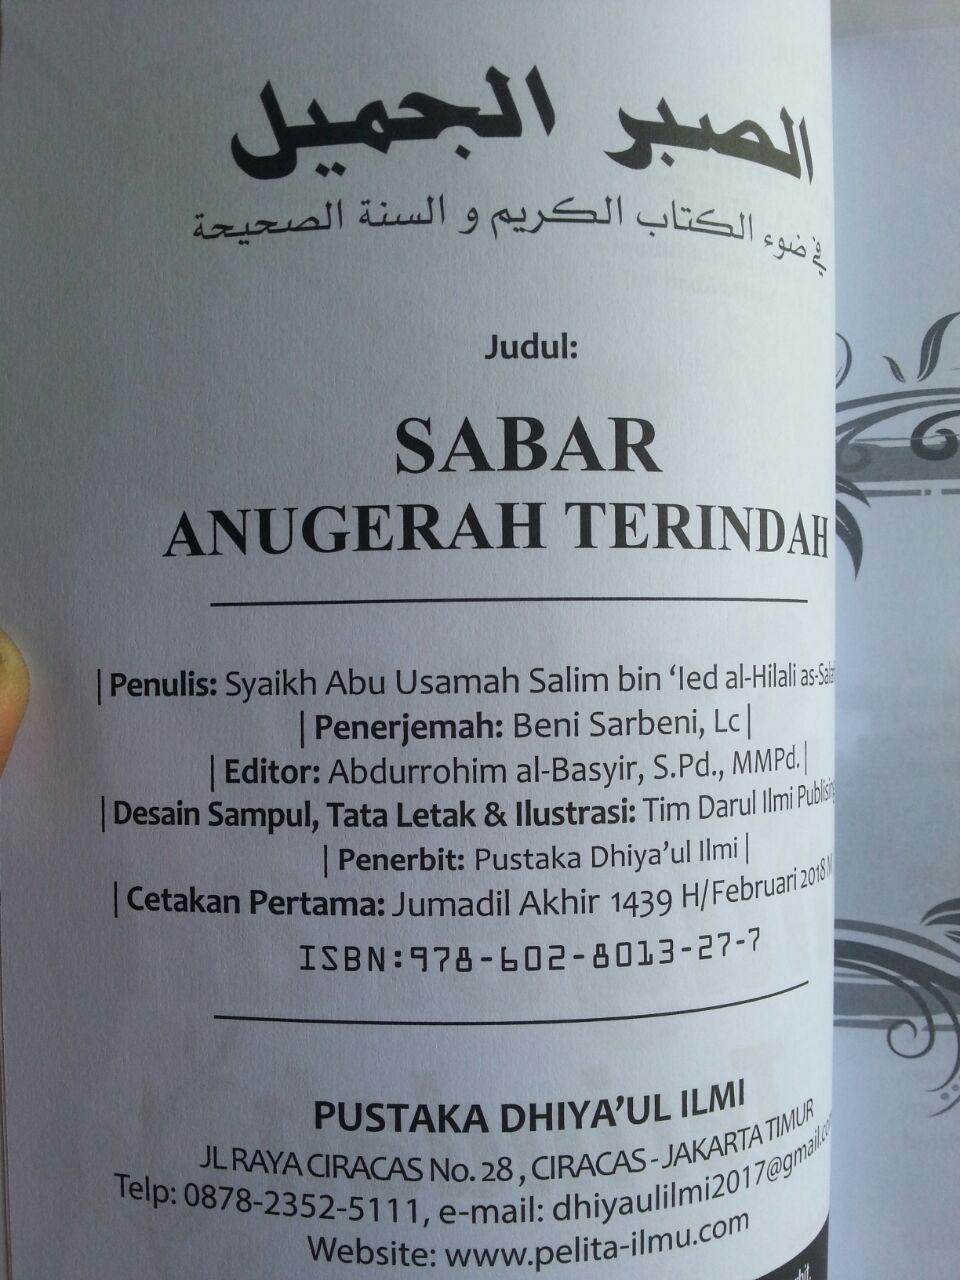 Buku Sabar Anugerah Terindah Tips Meraih Pahala Tanpa Batas isi